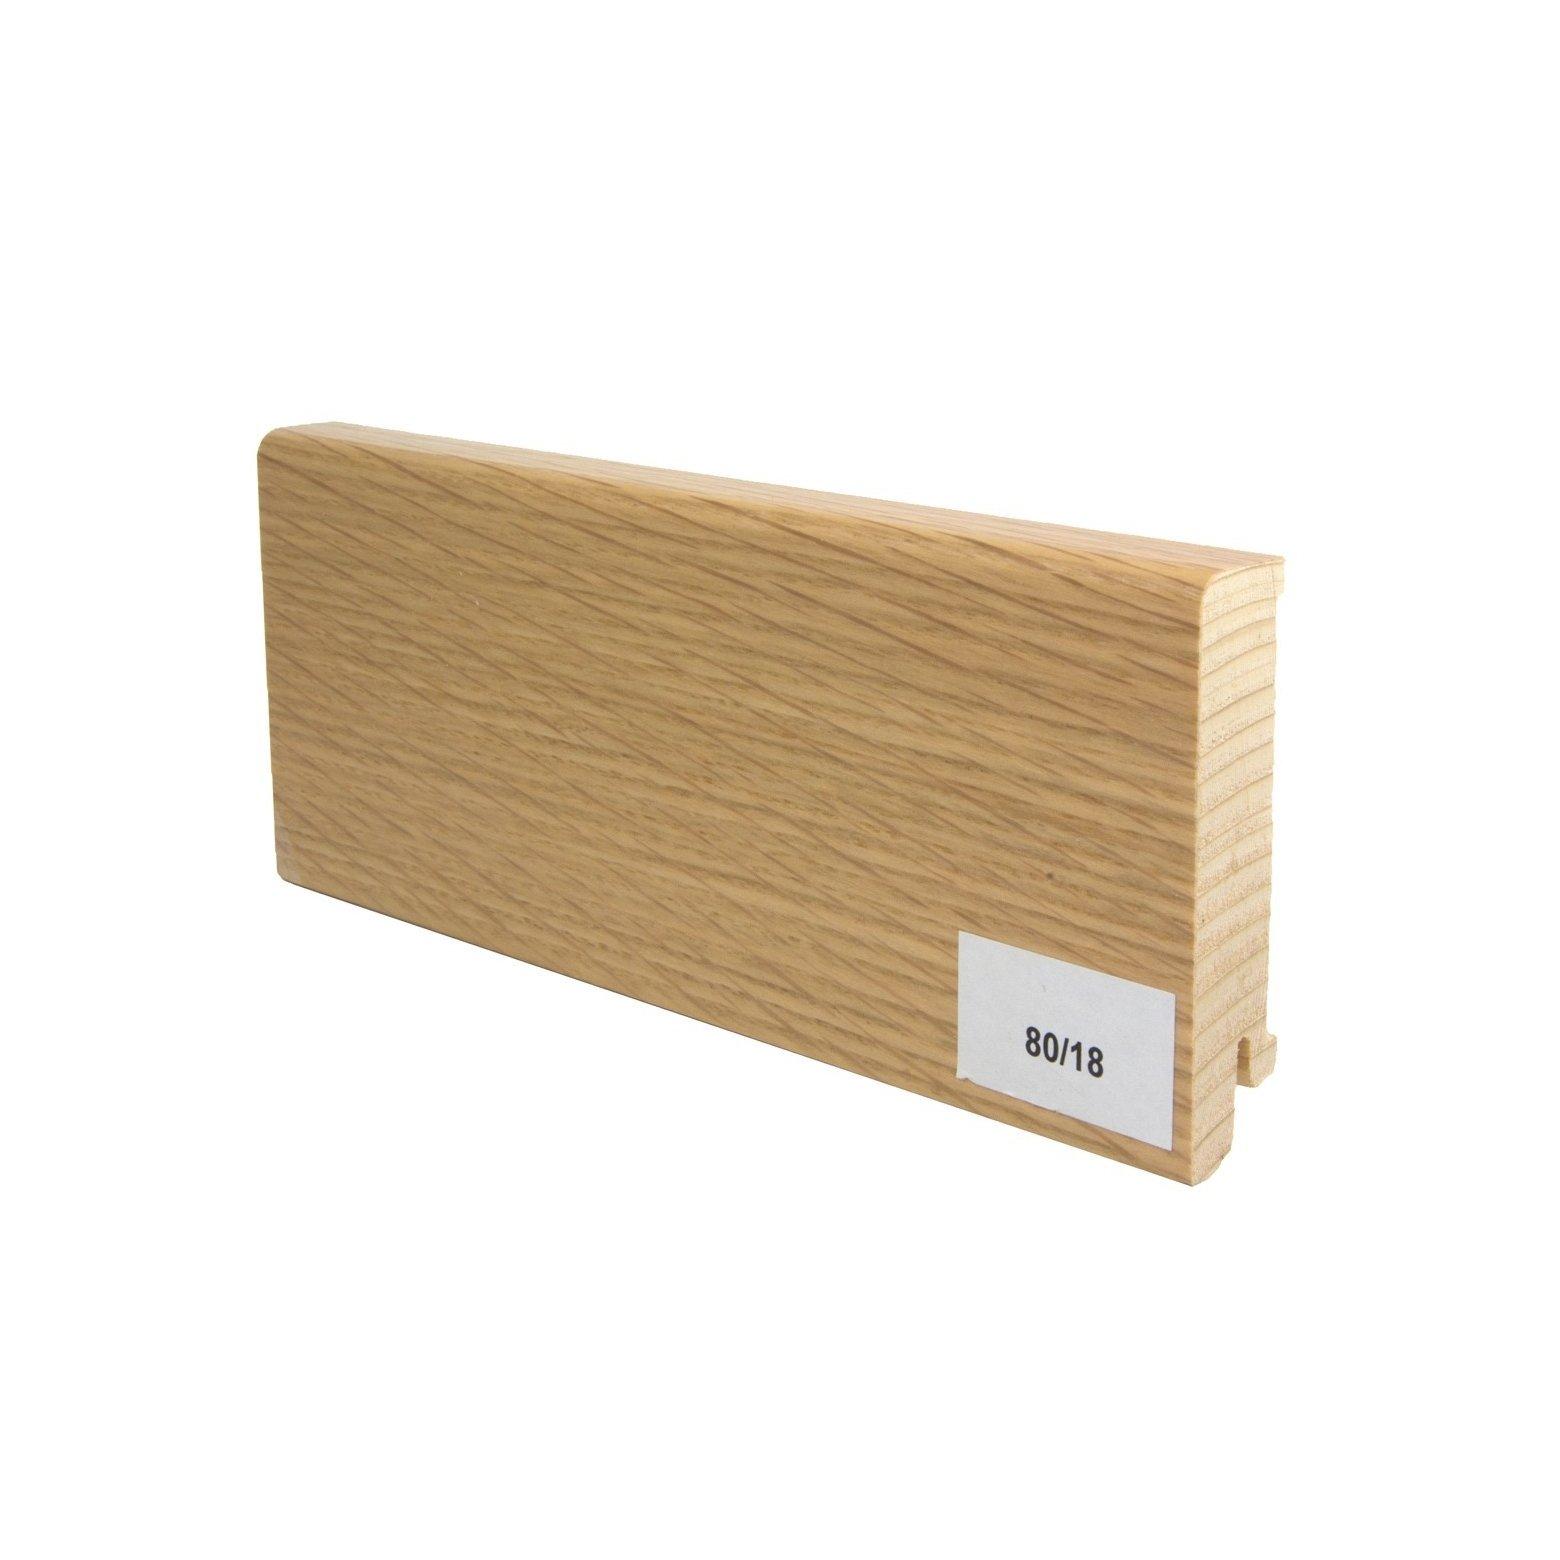 Listwa przypodłogowa drewniana (80/18 mm)  DĄB EUROPEJSKI LAKIEROWANA Pedross - 1